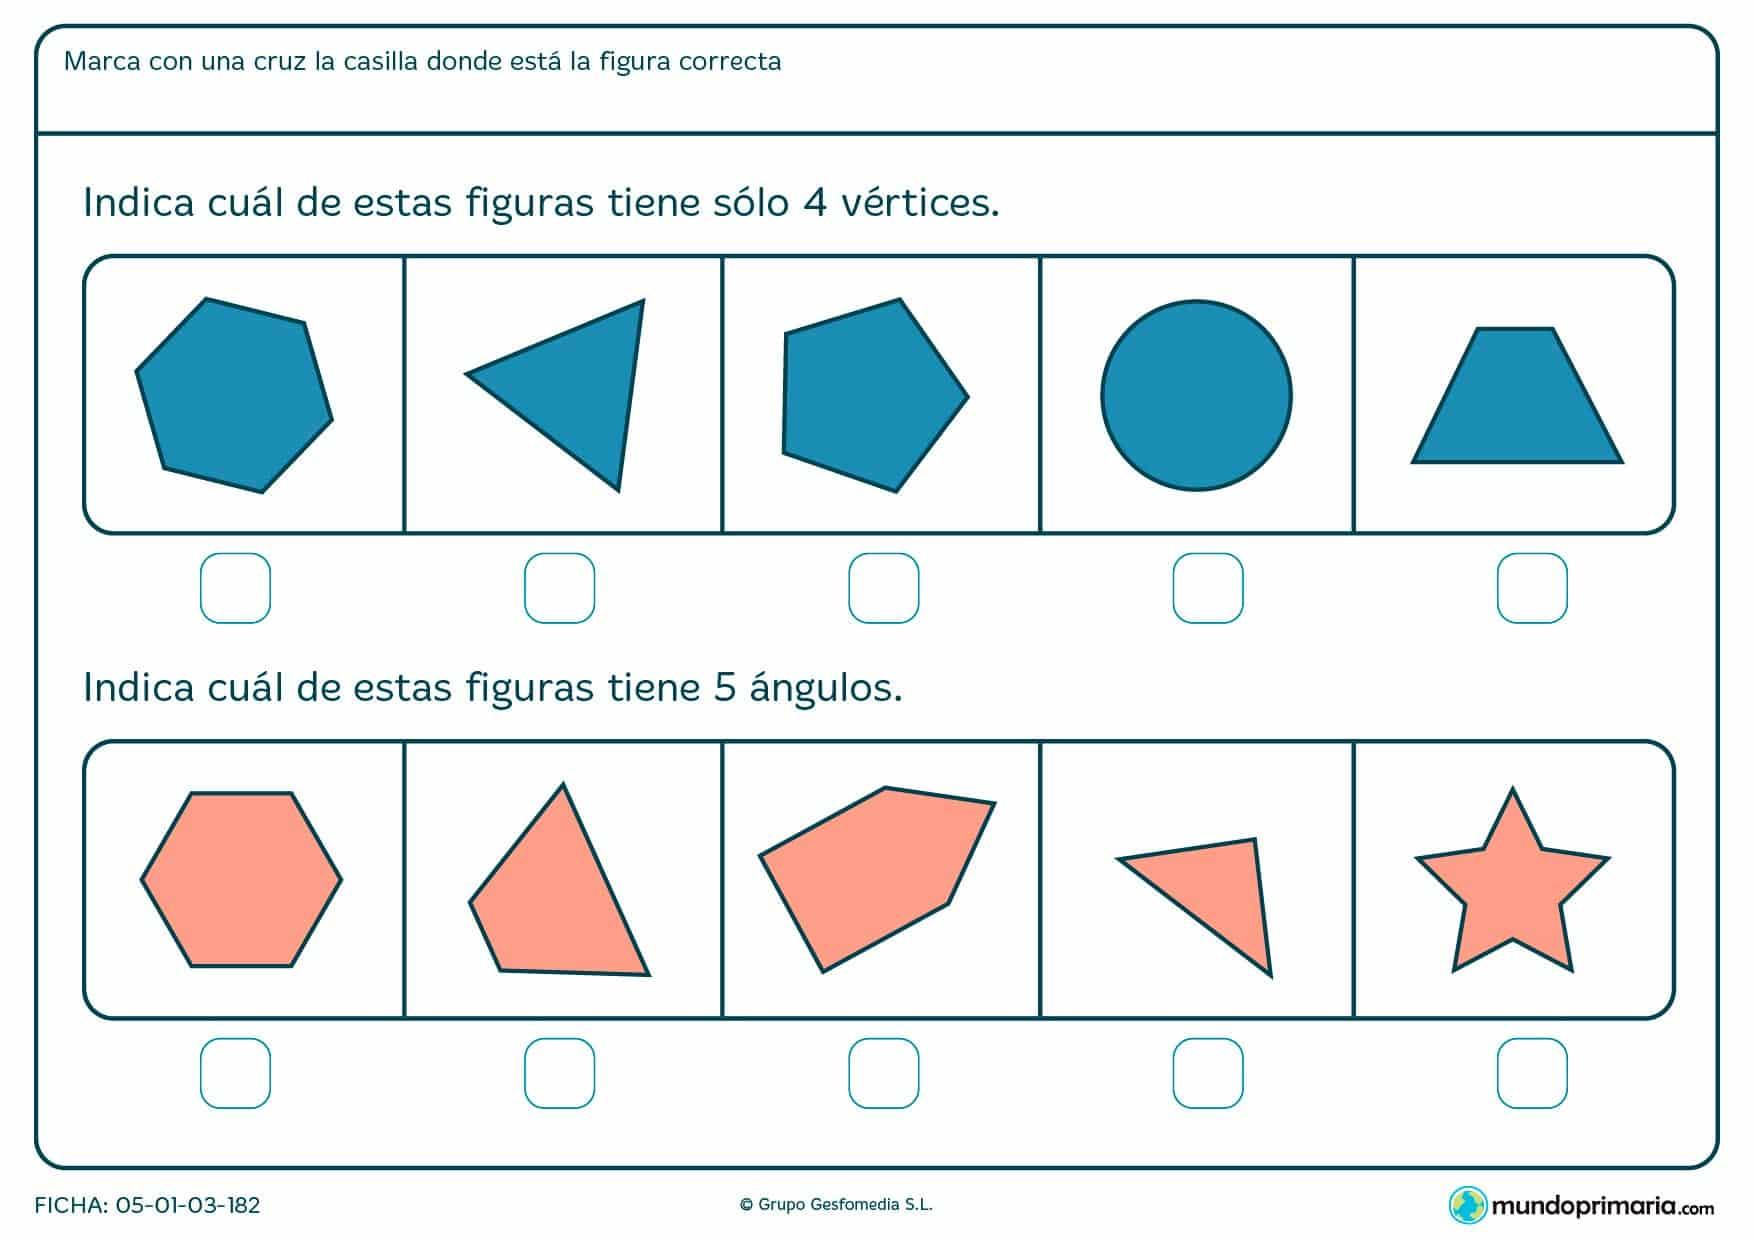 Ficha de vértices y ángulos geométricos para sumar sus ángulos y vértices y averiguar así la respuesta correcta.